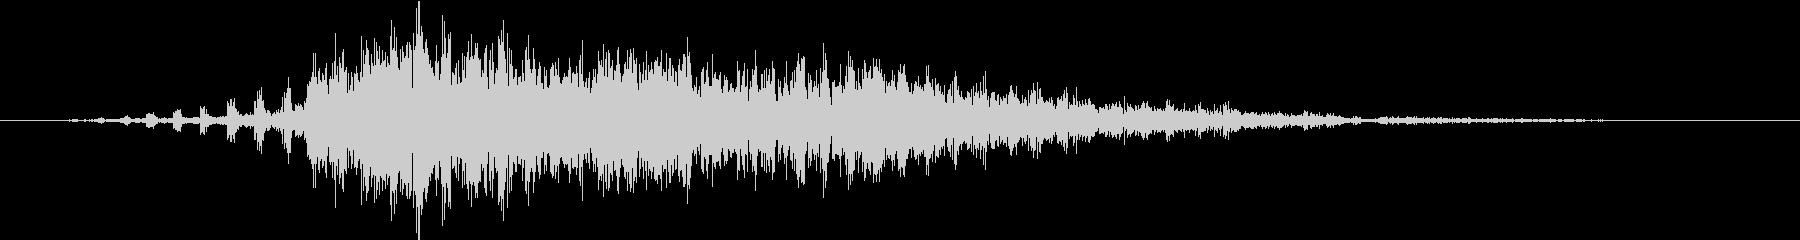 ビリリ・・・(スパーク音)の未再生の波形